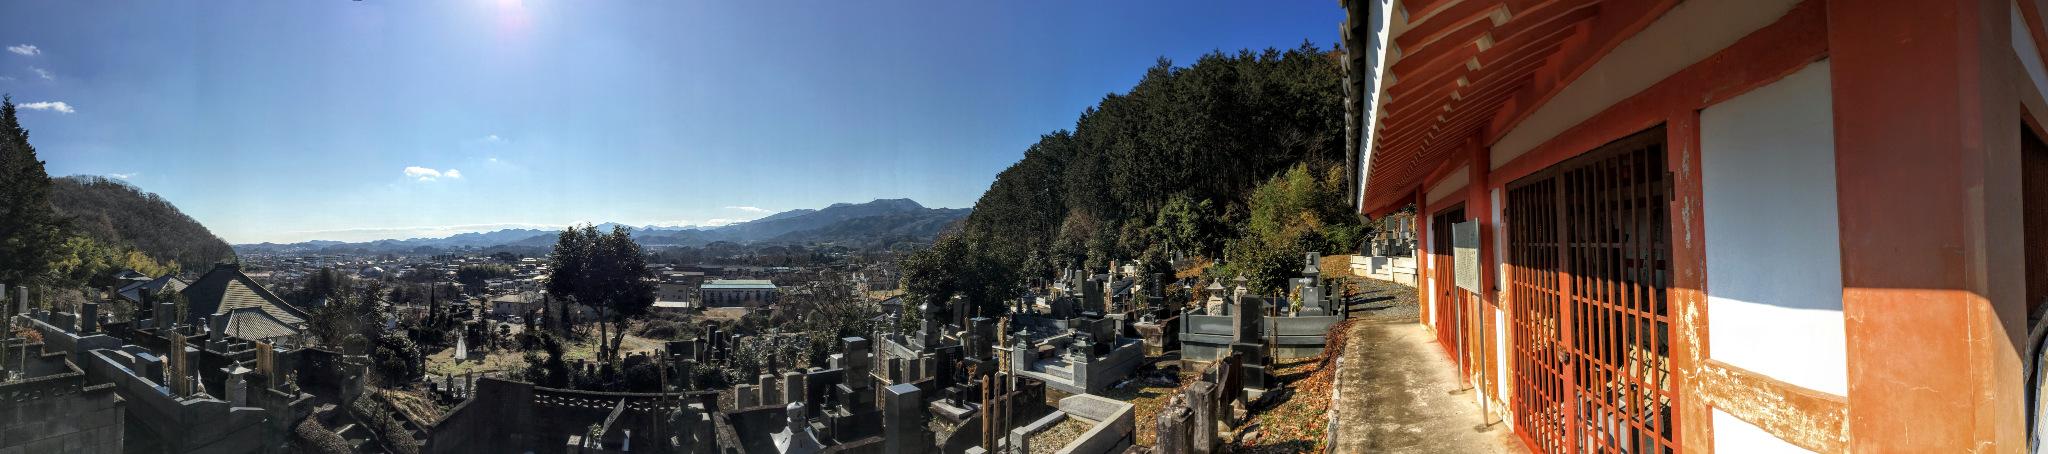 左端にかすかに見えるのが鉢形城で、その奥は秩父山渓